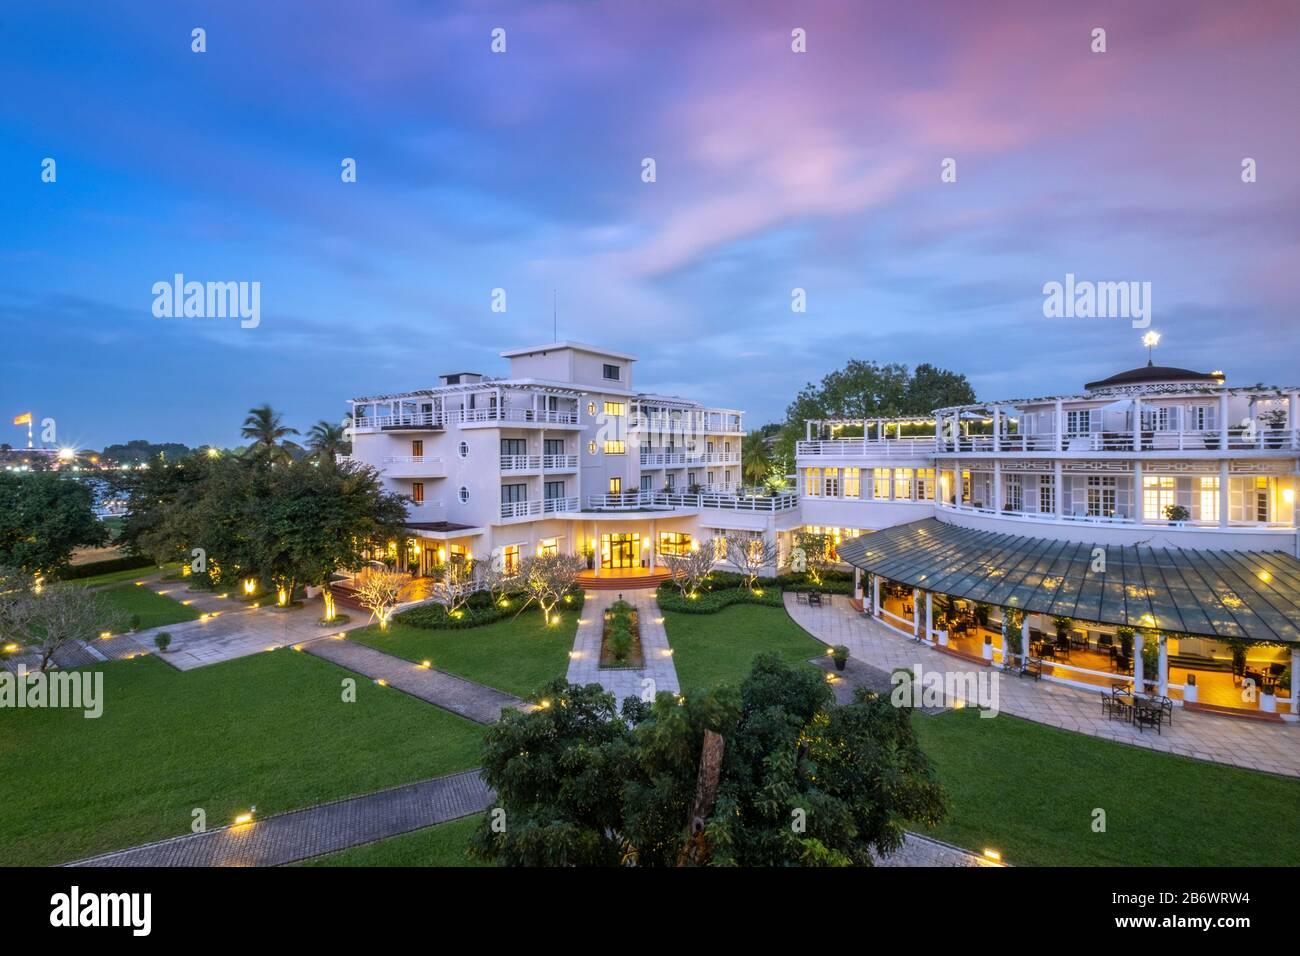 Asie du Sud-est, Vietnam, l'hôtel Azerai la Residence à Hue - un hôtel de charme dans un bâtiment du patrimoine dans la ville historique et site du patrimoine mondial Banque D'Images